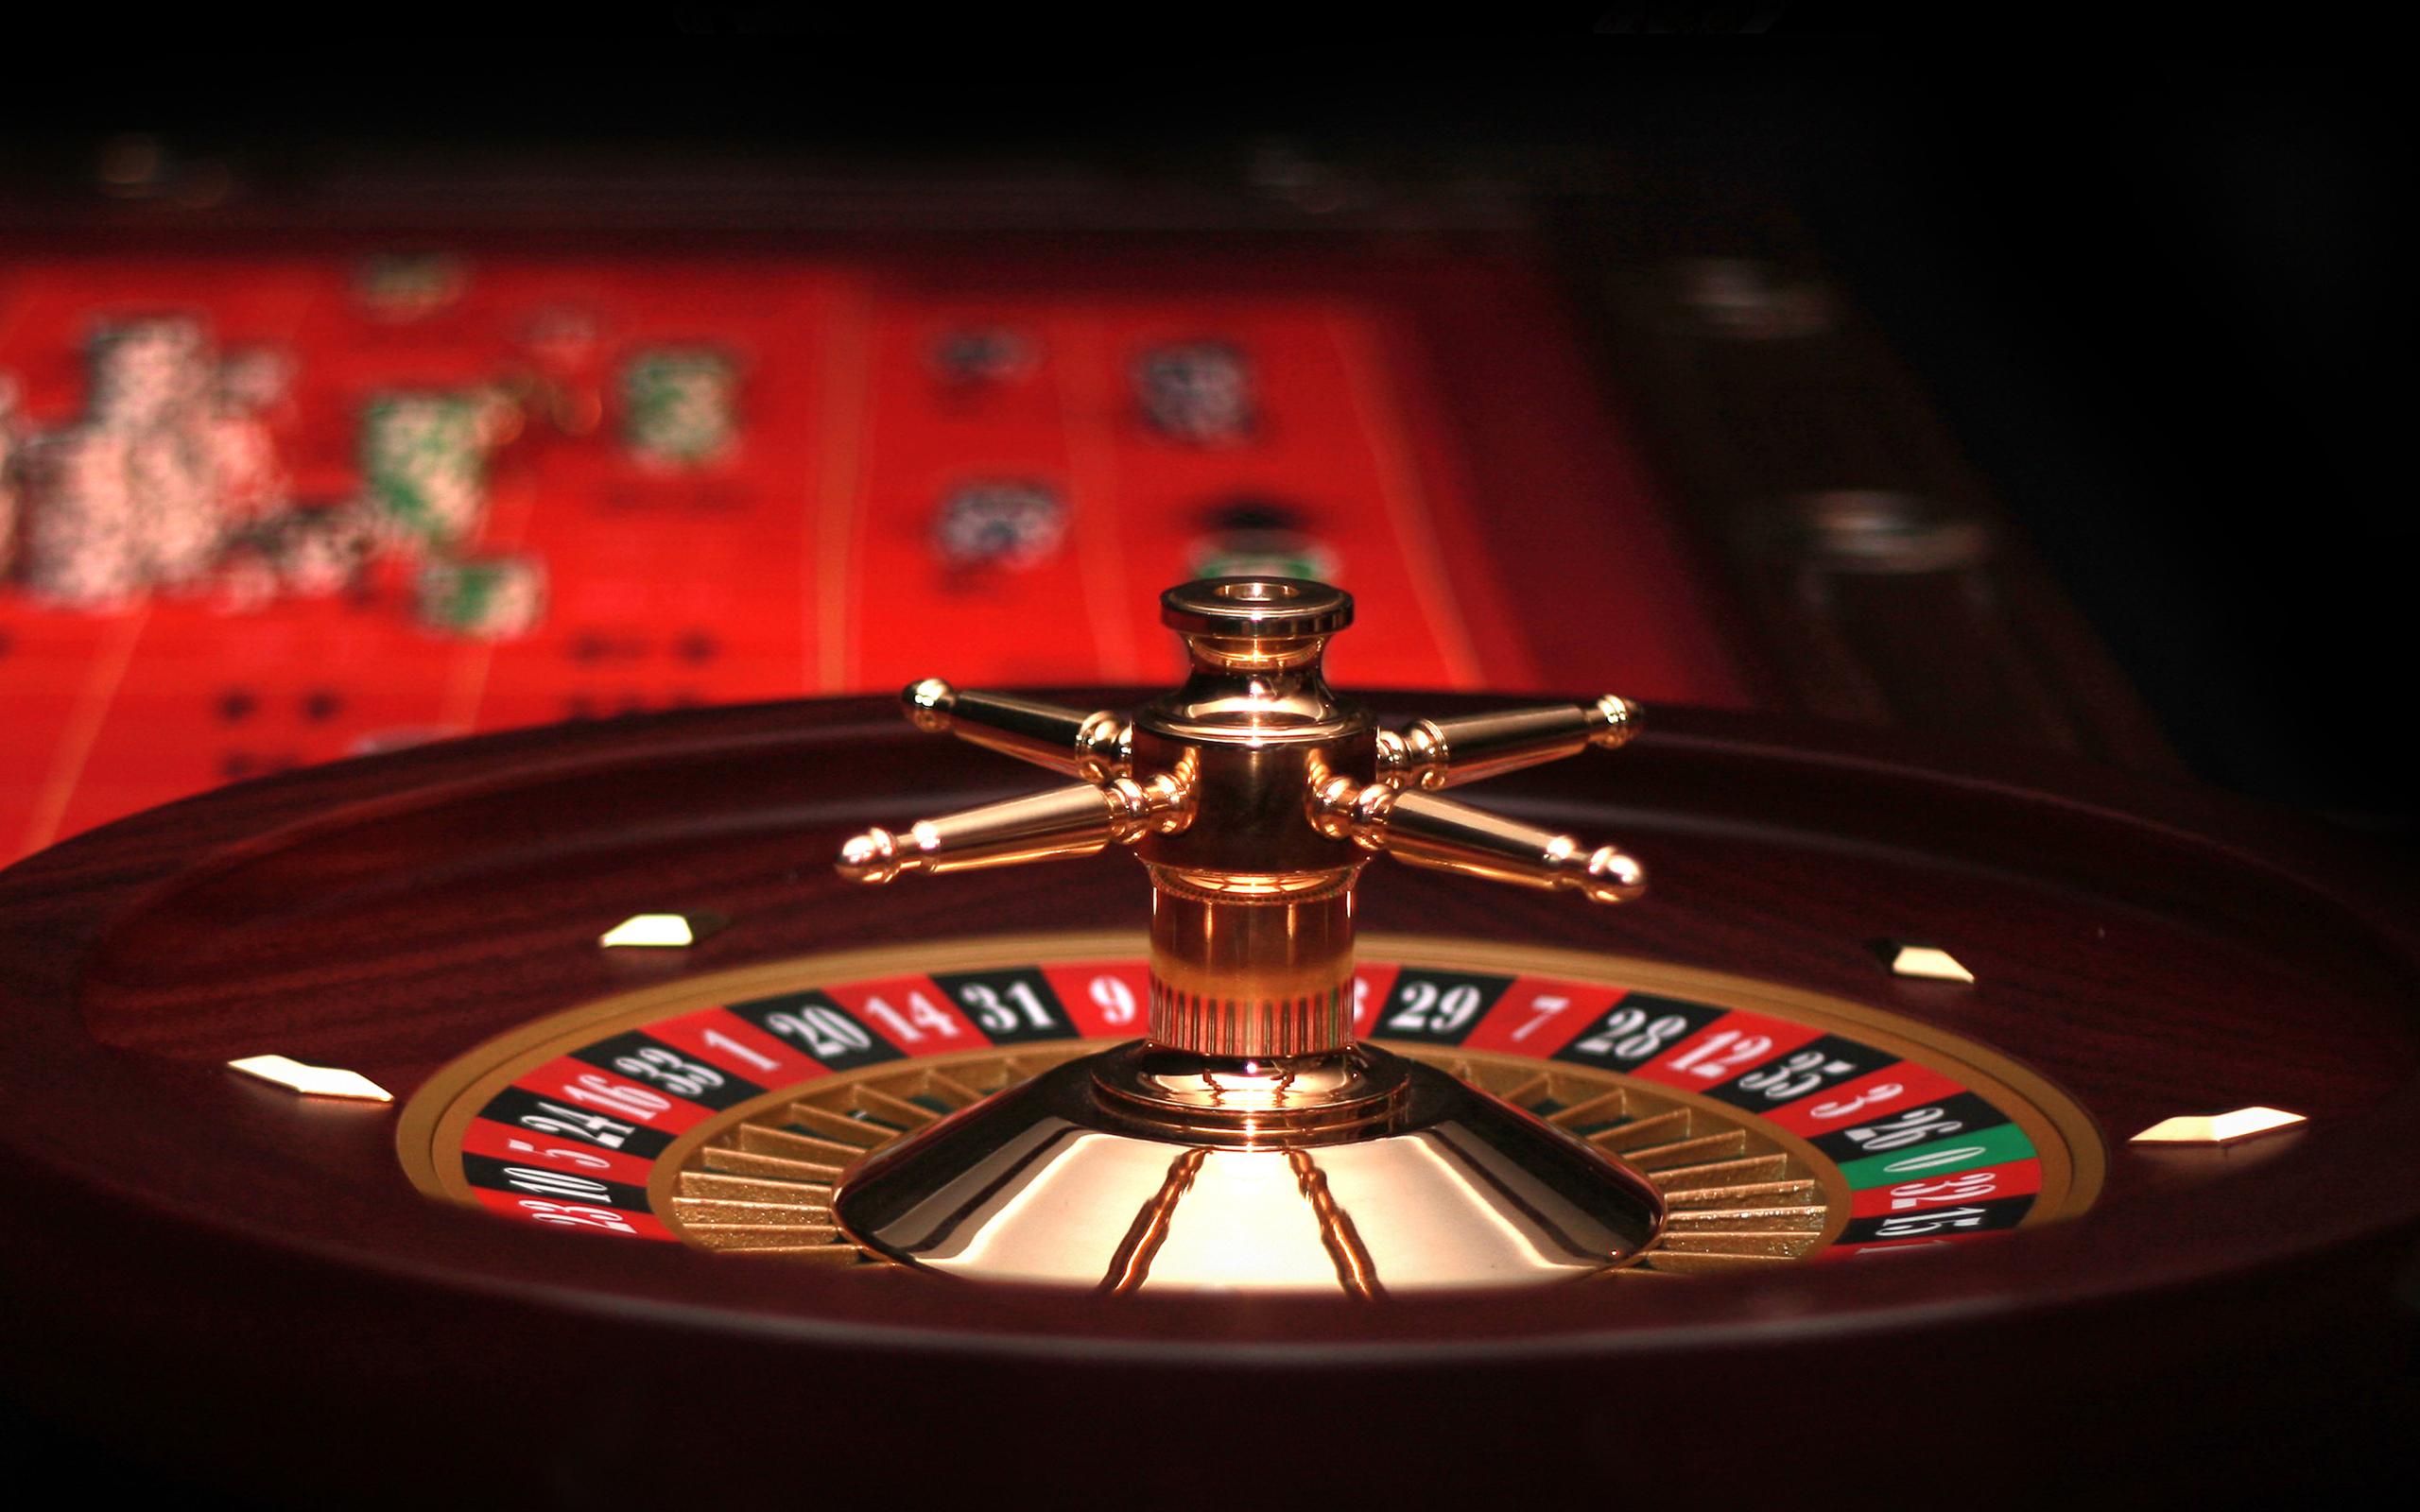 биткоин казино с бесплатными биткоинами 2019